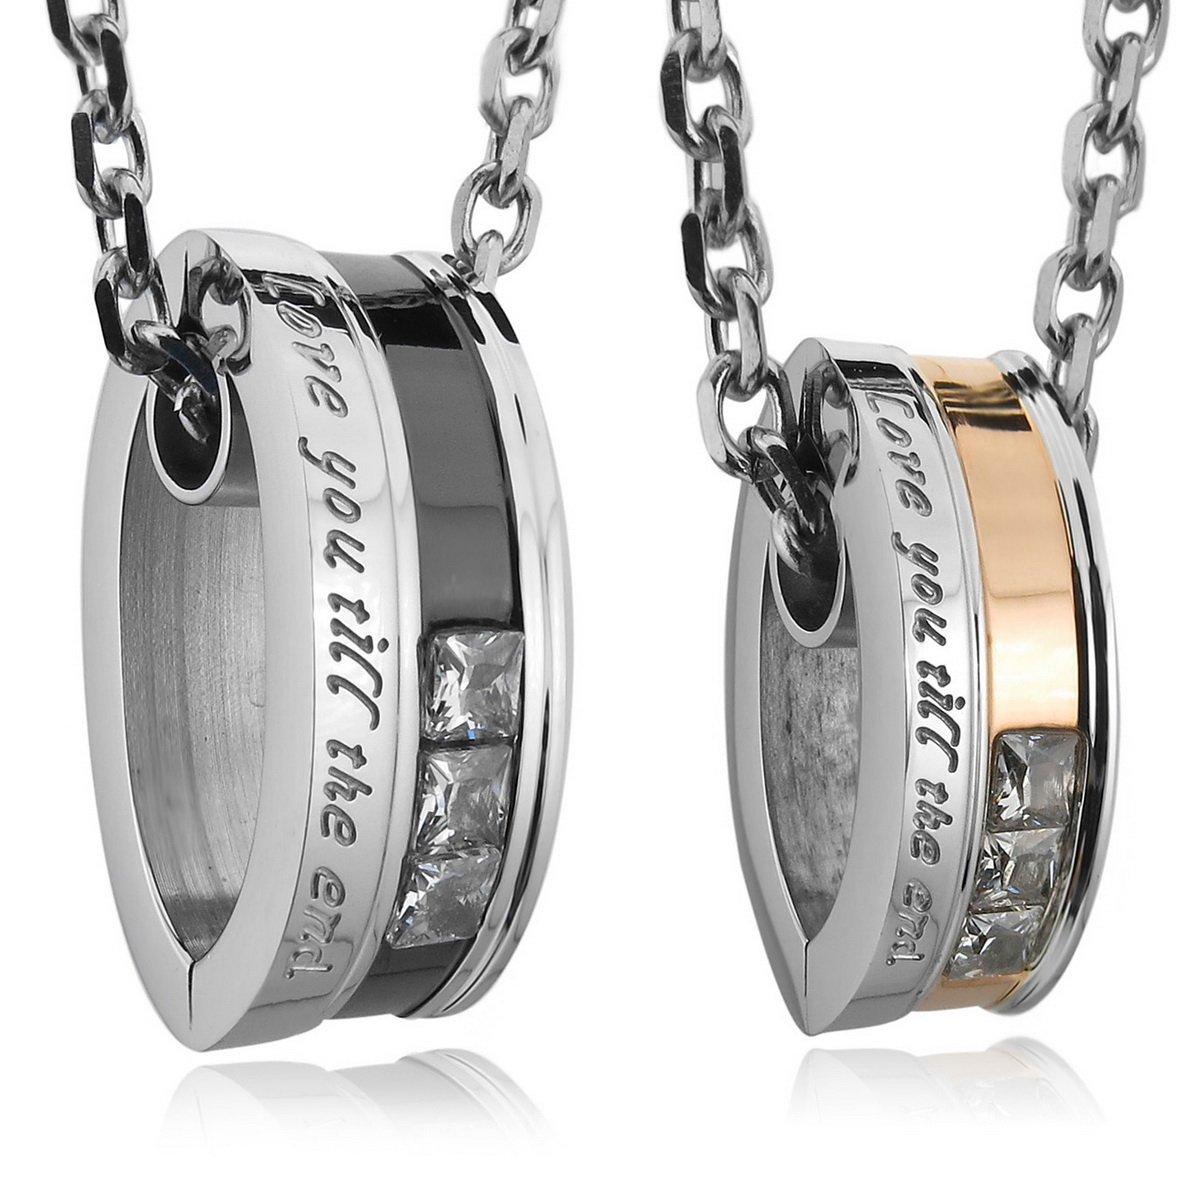 MunkiMix 2 PCS Edelstahl Anhänger Halskette CZ Zirkon Zirkonia Silber Golden Zwei Ton Schwarz Valentine Paar Paare Herren,Damen mit 50cm 58cm Kette